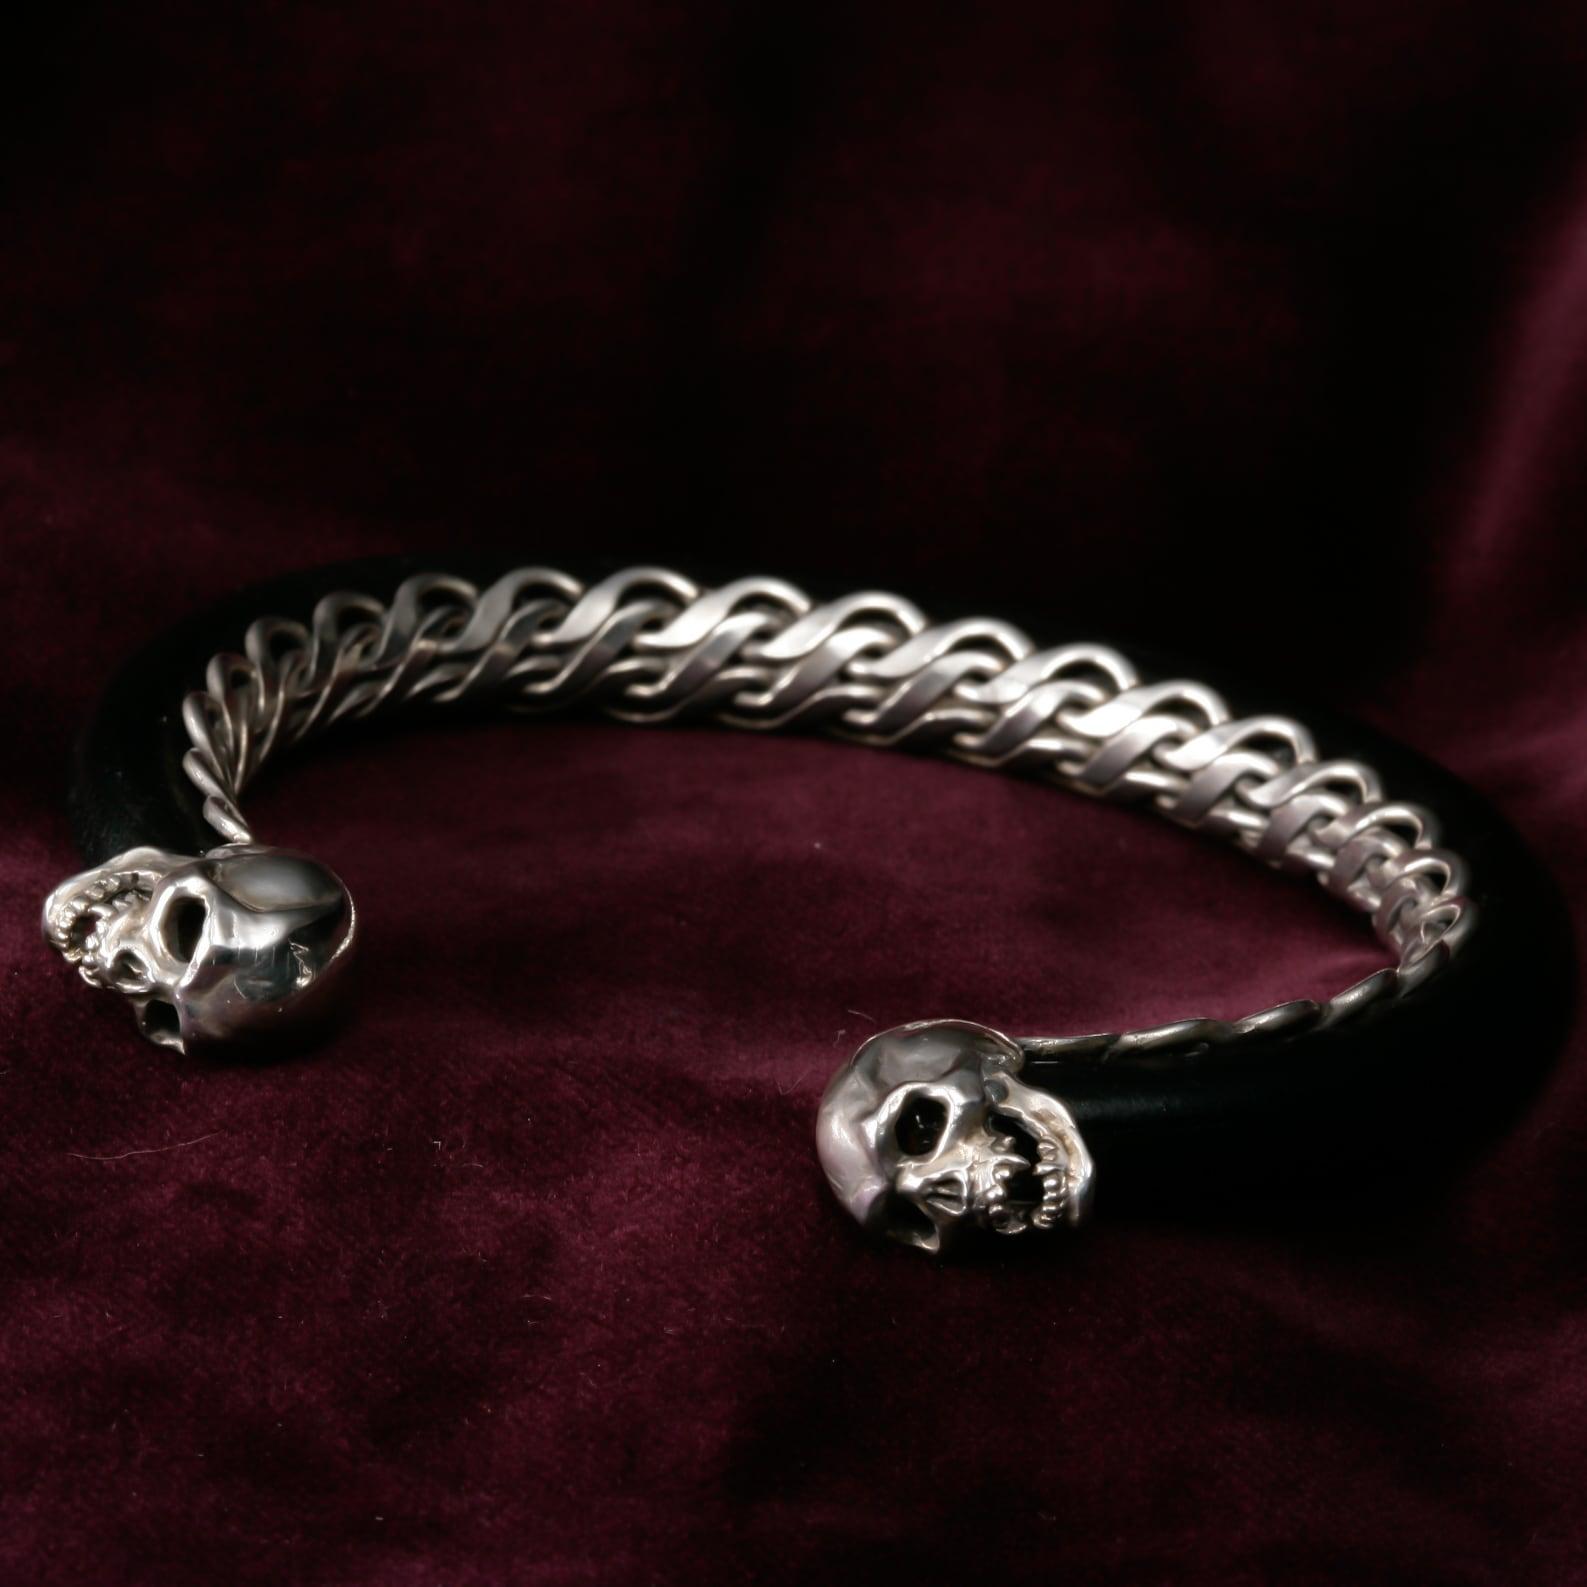 Skull & Snake Bangle with Rod-Shaped Leather